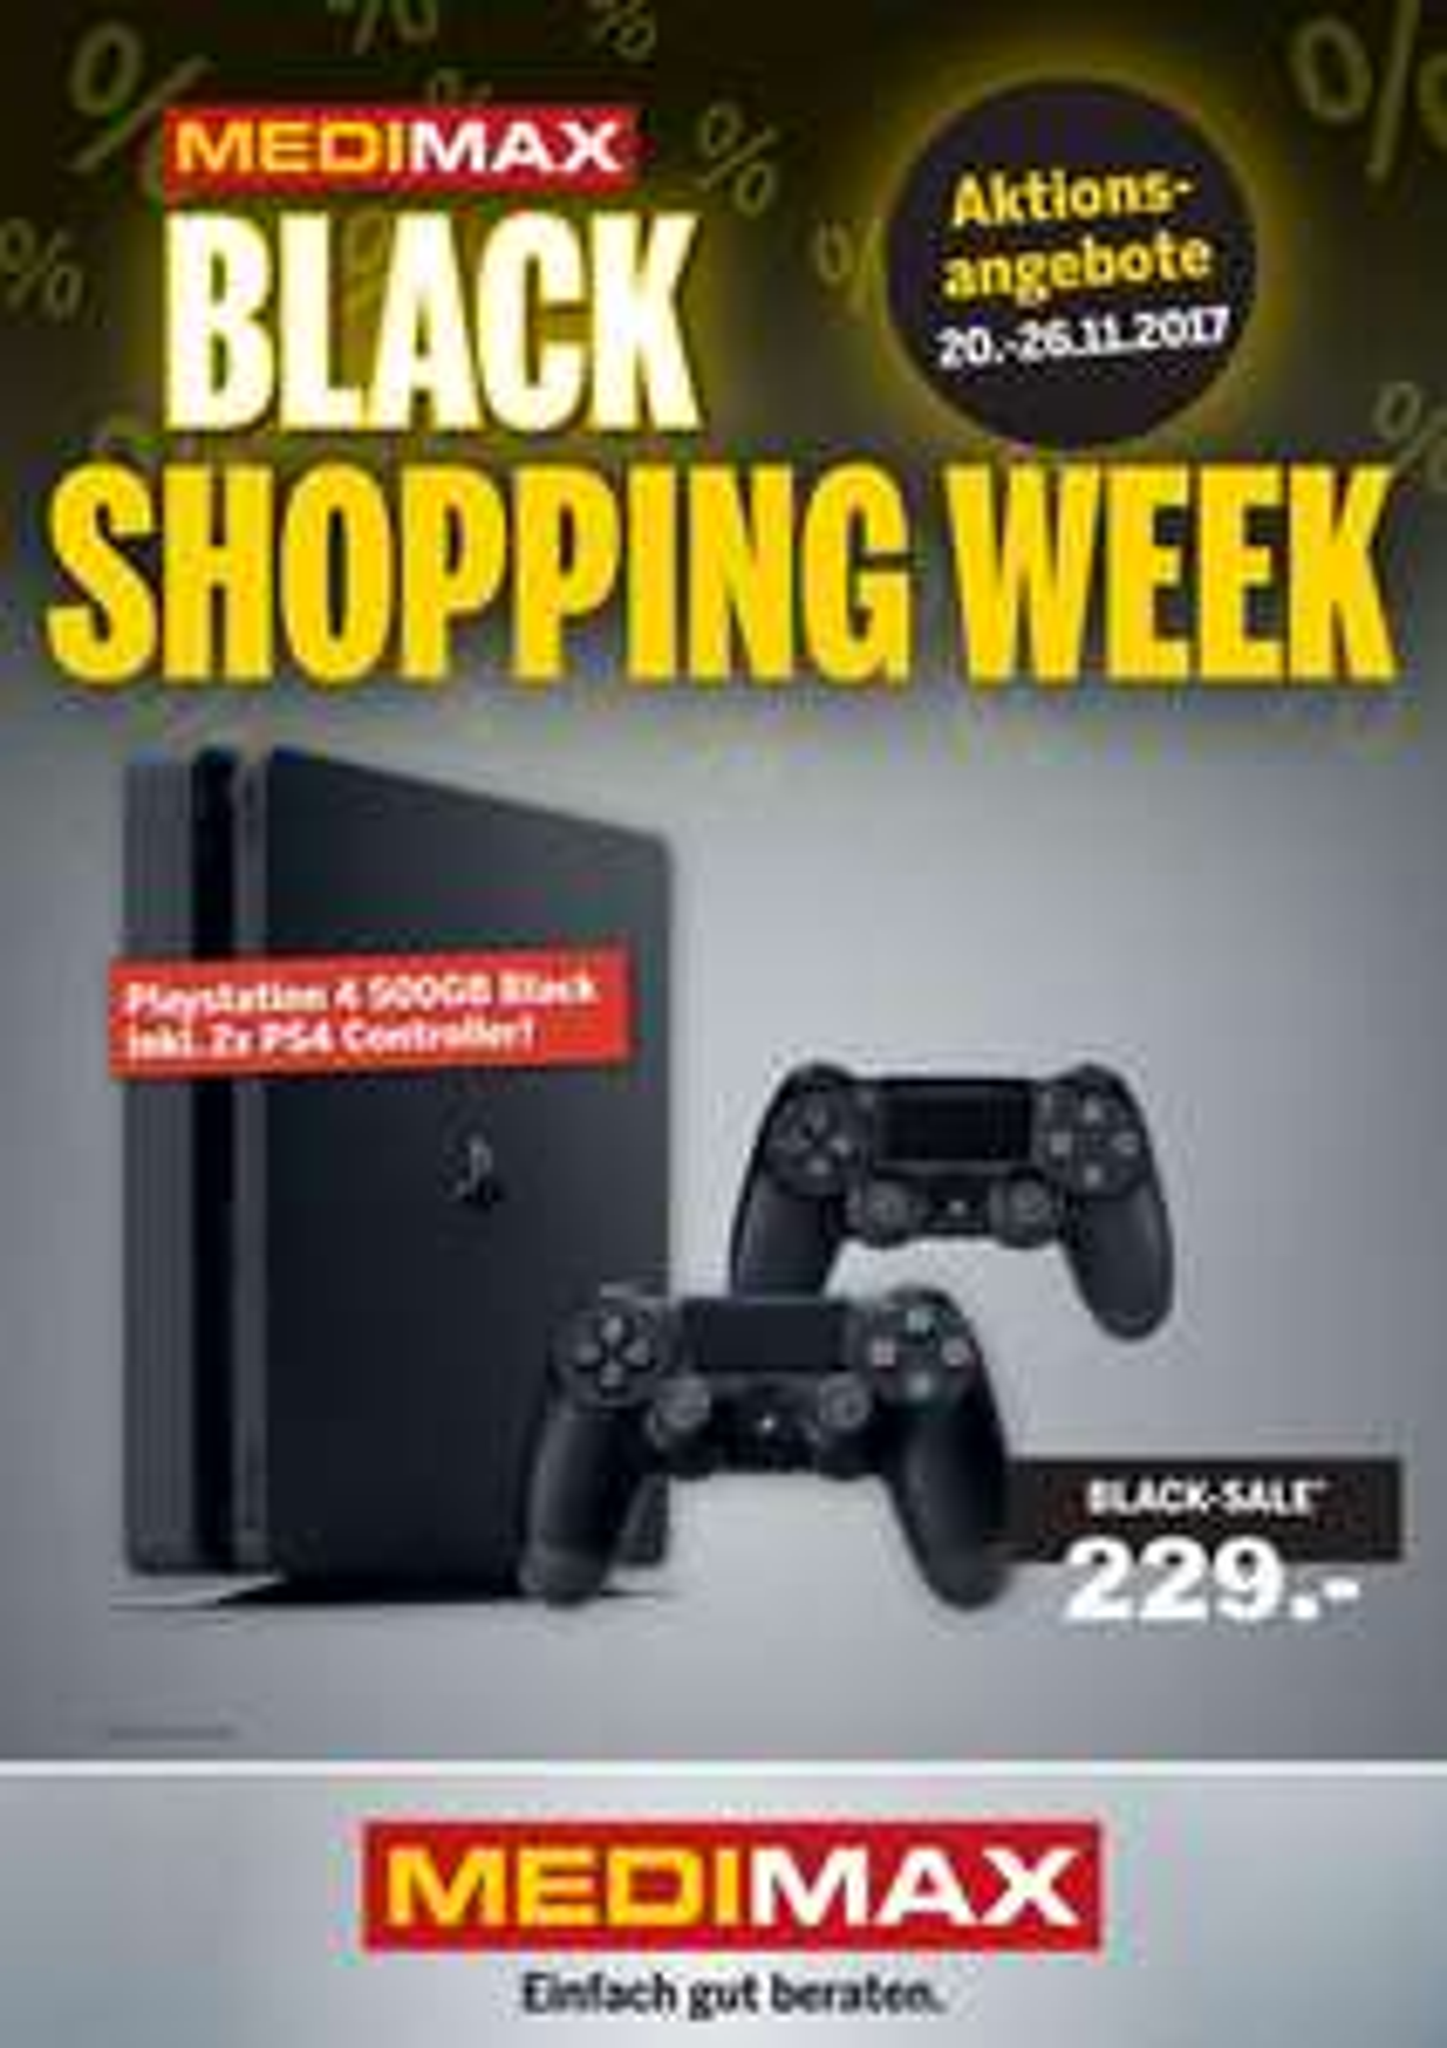 [Medimax] Playstation 4 Slim 500GB + 2ten Controller für 229,- €